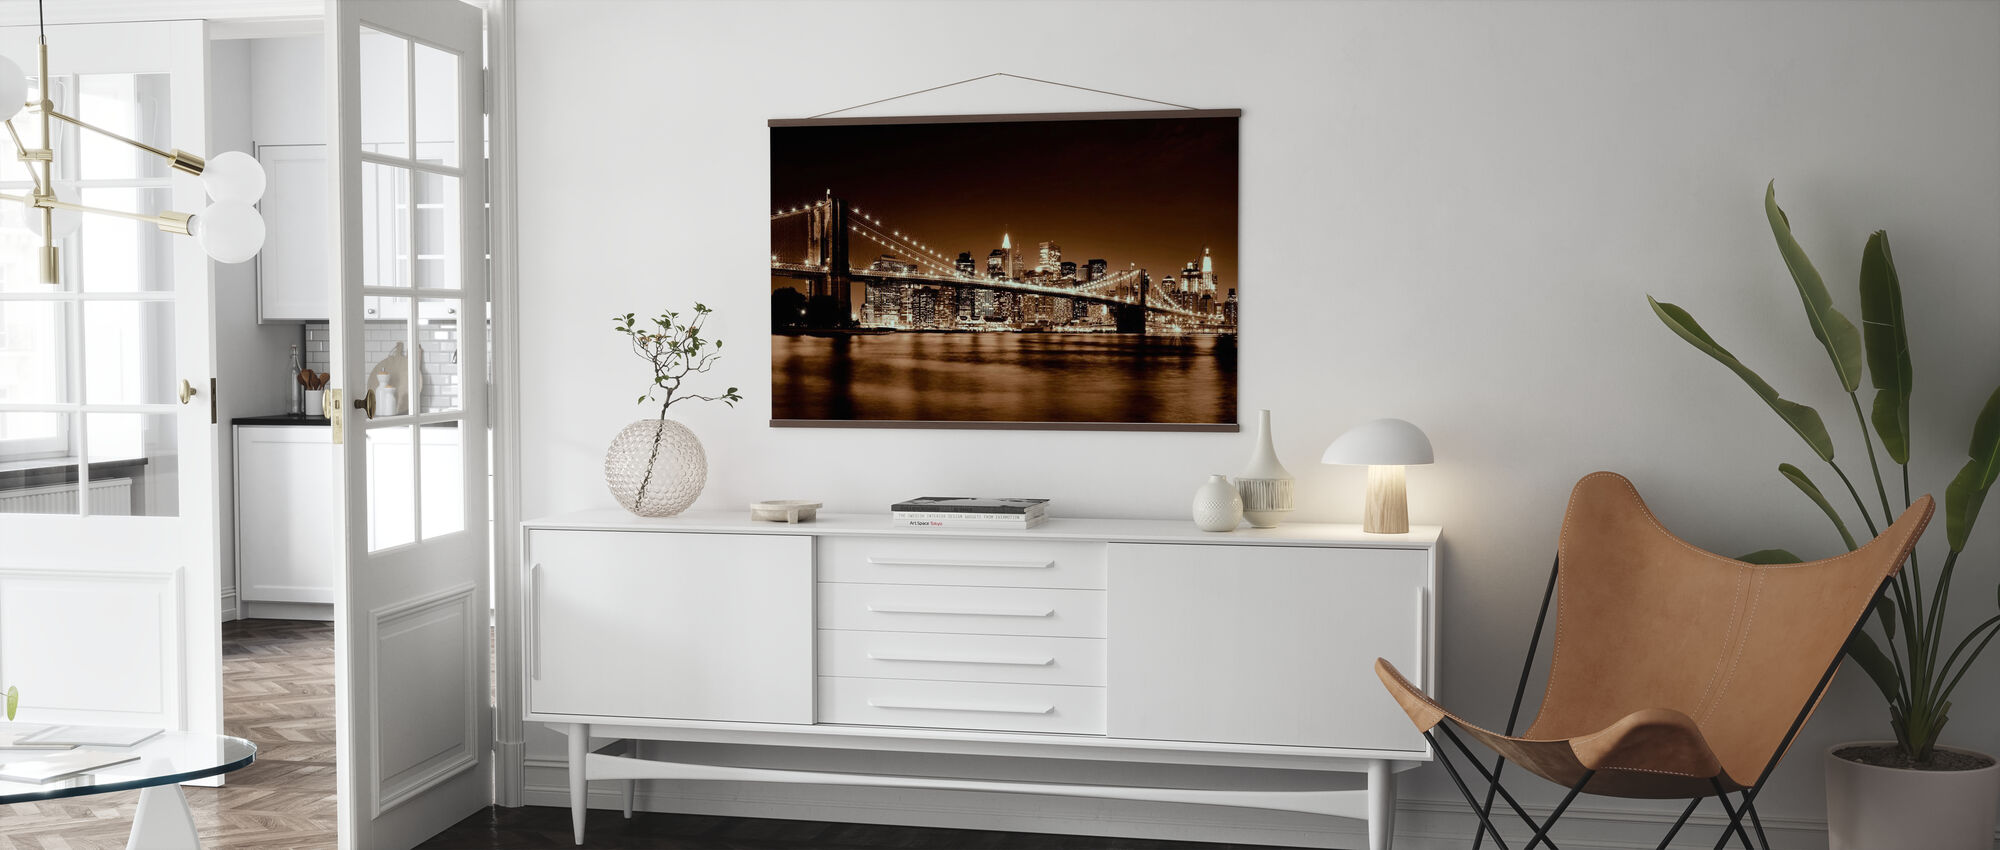 Brooklyn Bridge - Gelb - Poster - Wohnzimmer